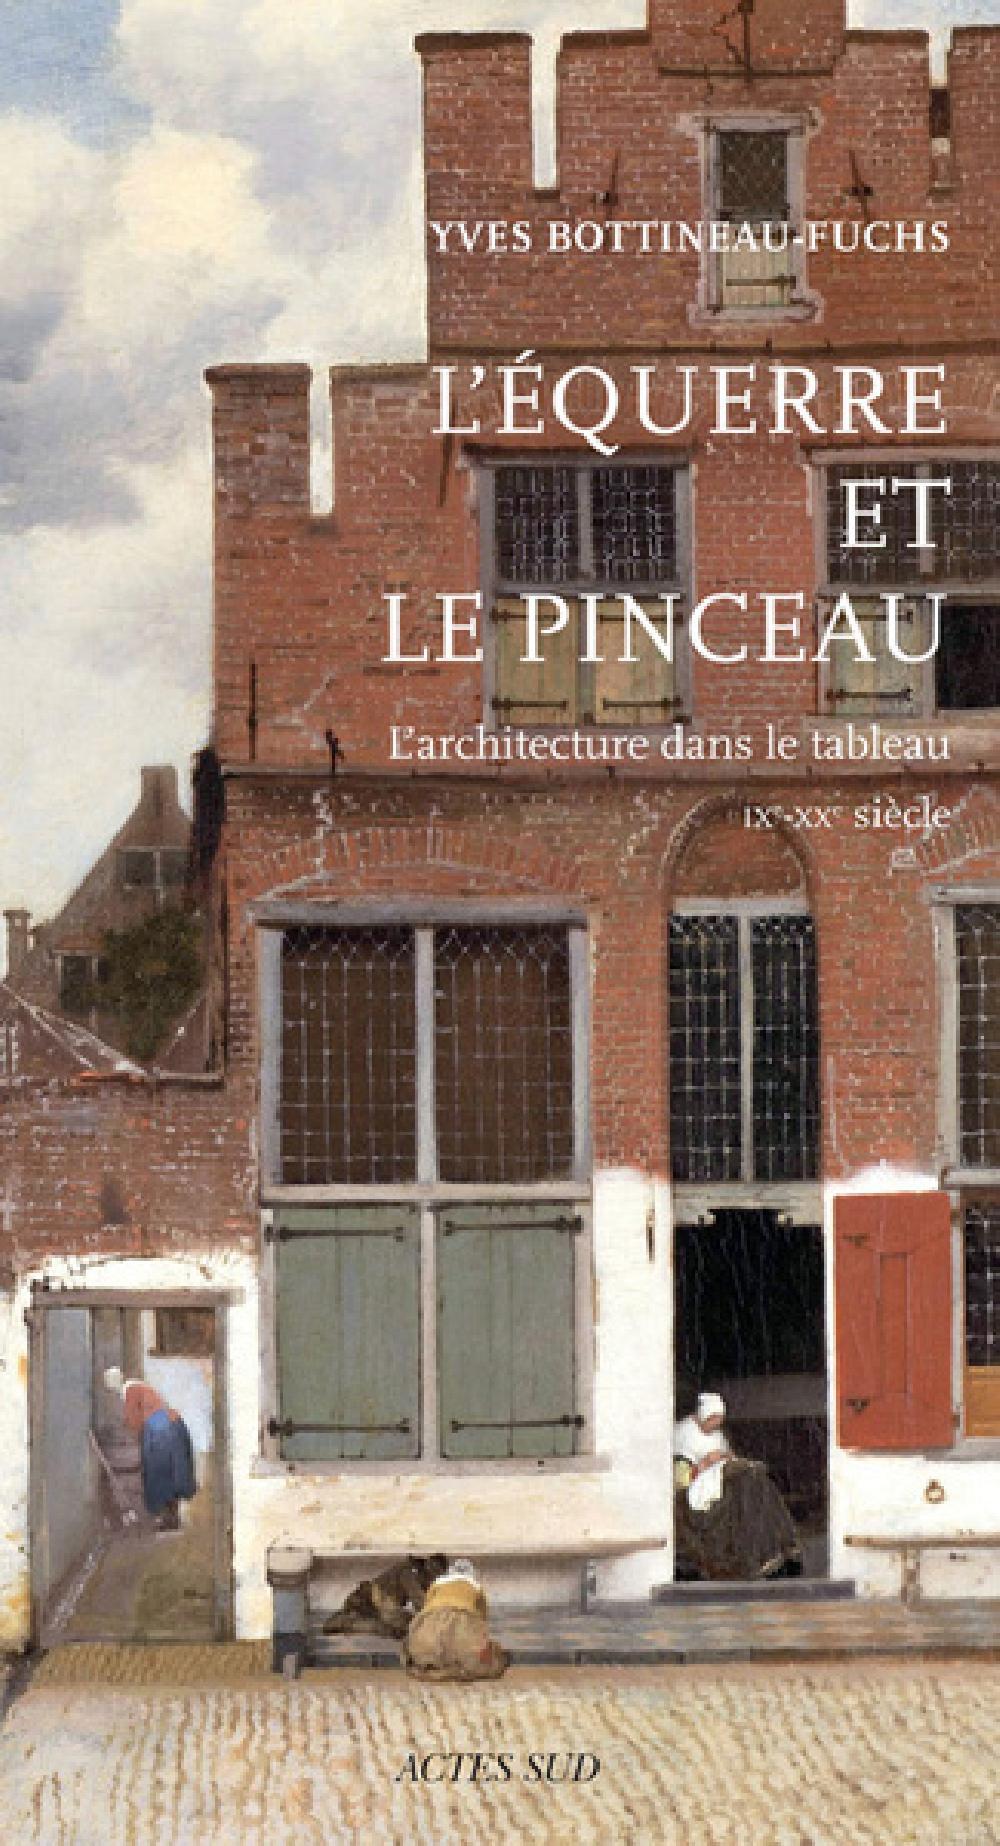 L'équerre et le pinceau - L'architecture dans le tableau IXe-XXe siècle